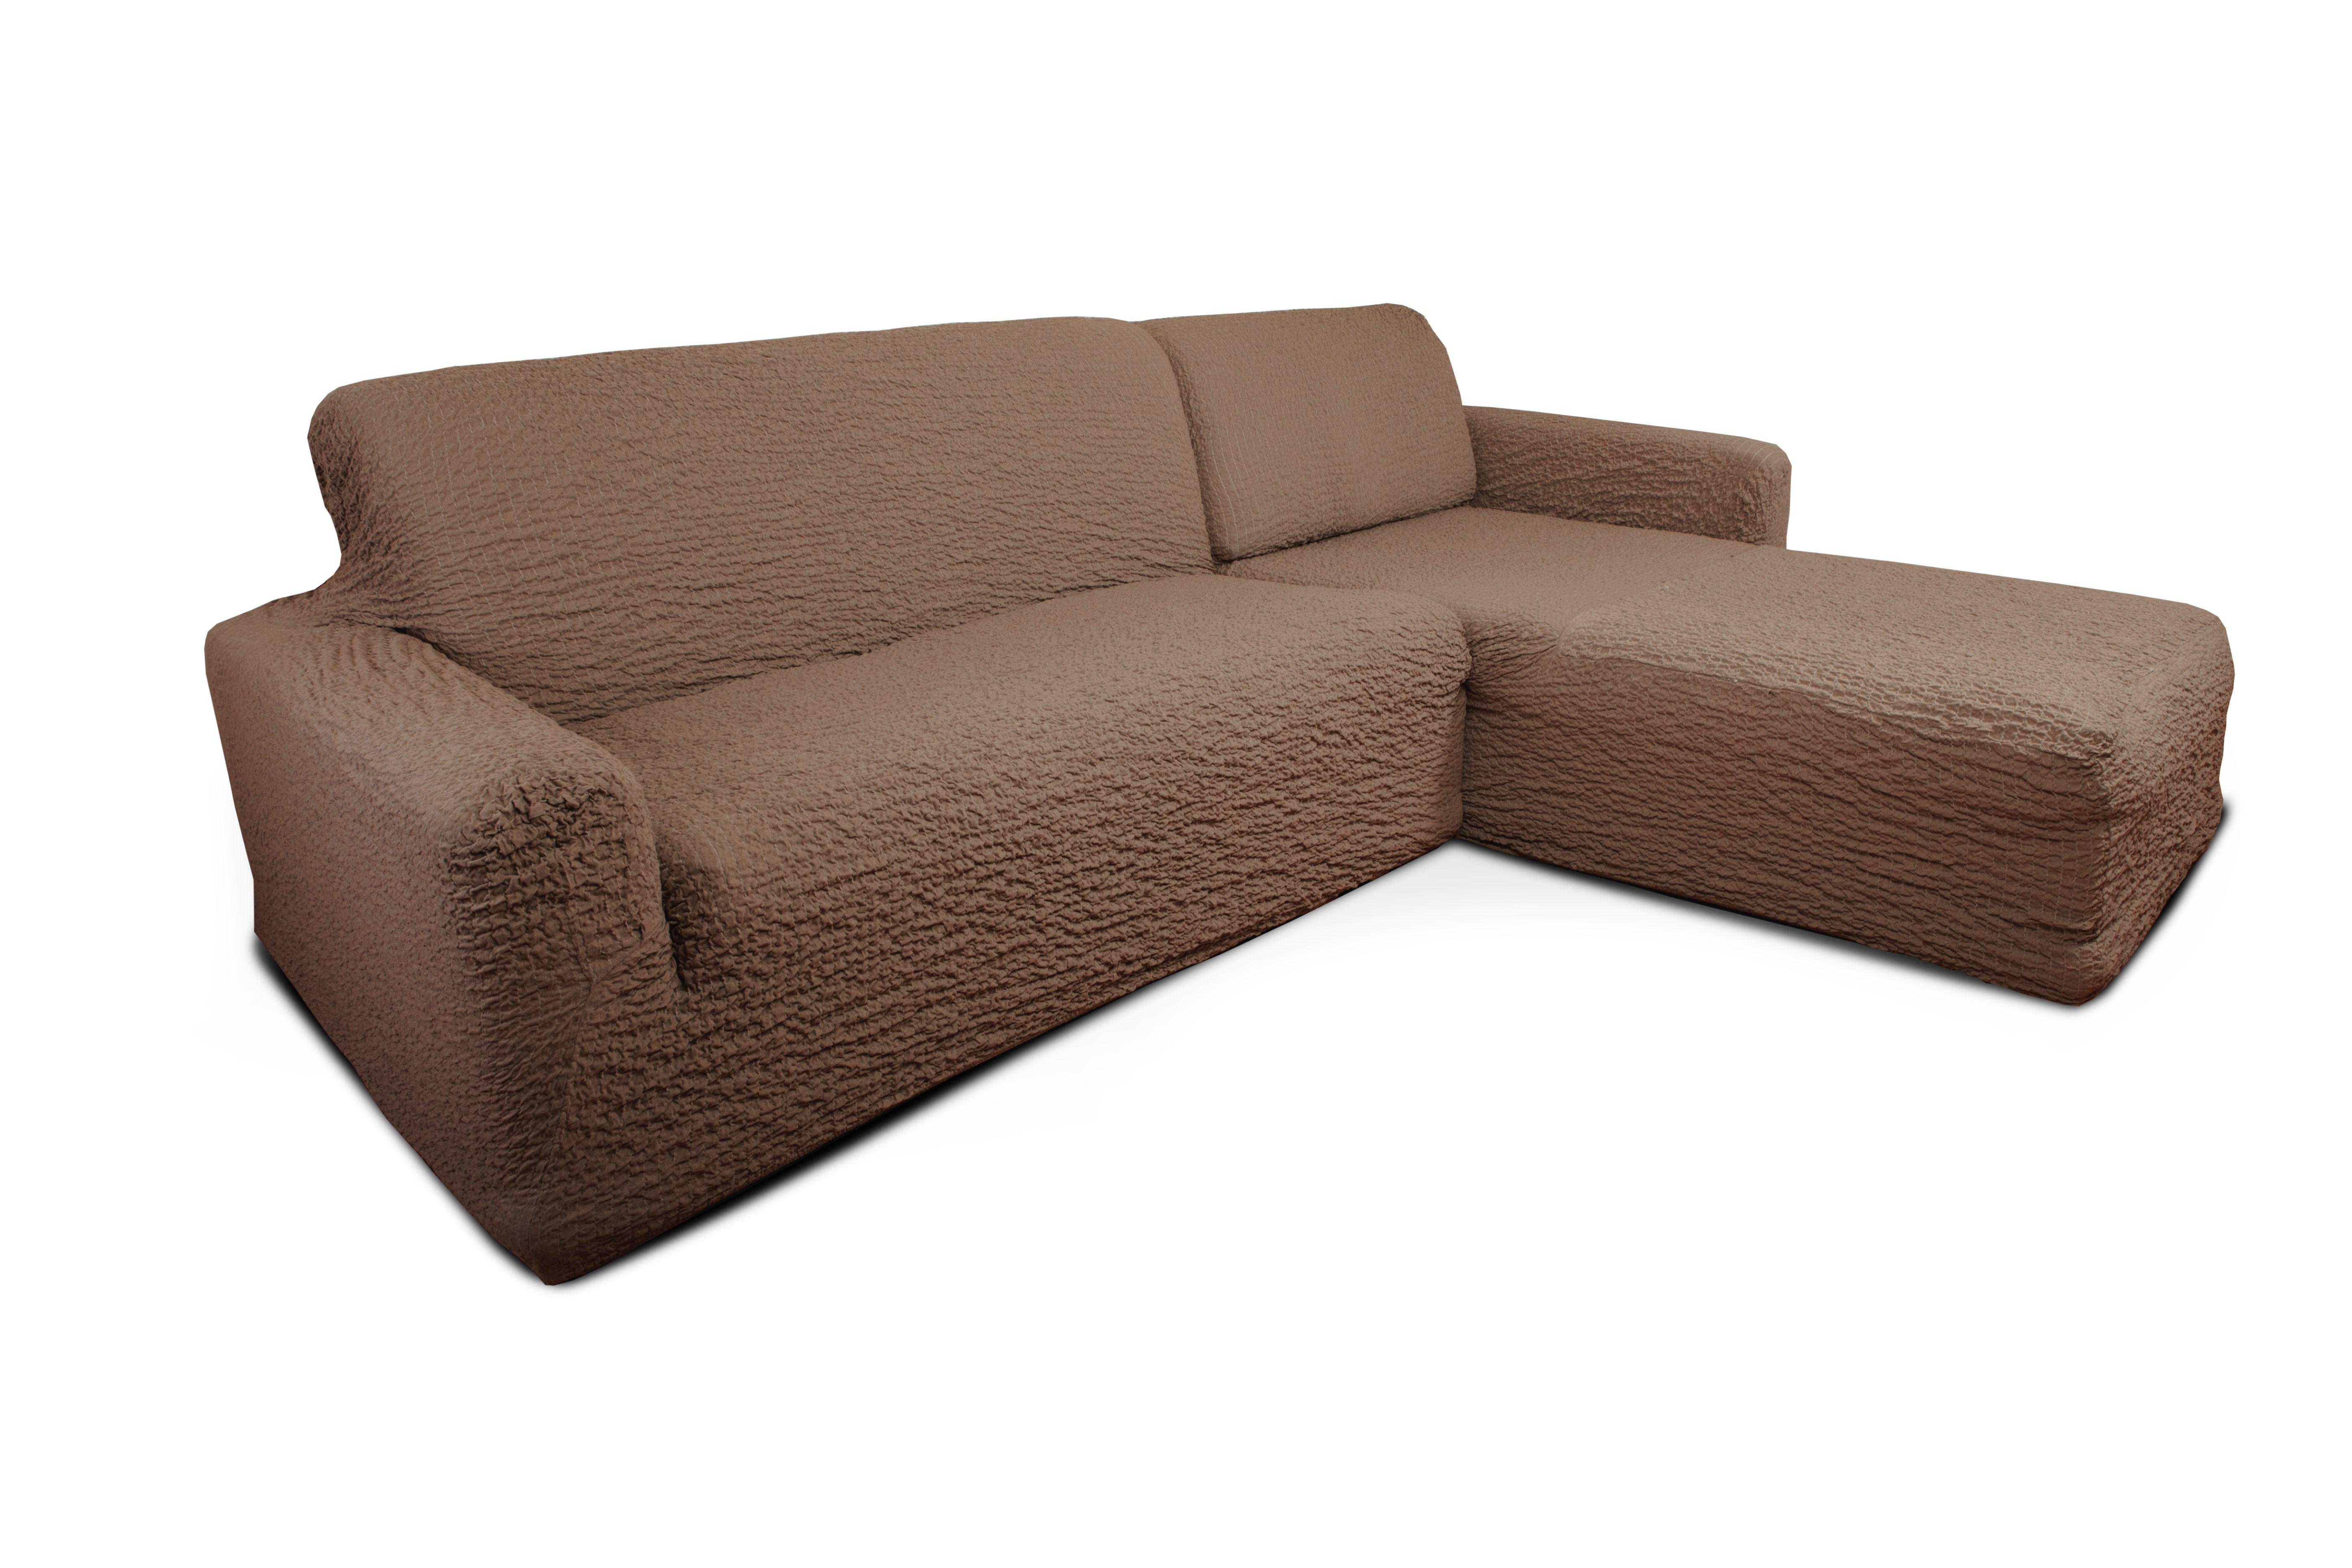 Еврочехол на угловой диван с выступом справа Модерн Какао1/3-10Чехол «Какао» - прекрасный вариант для защиты Вашей мебели от постоянных воздействий. Этот чехол, благодаря прочности ткани, станет идеальным решением для владельцев домашних животных. Кроме того, натуральный состав ткани гипоаллергенен, а потому безопасен для малышей или людей пожилого возраста. «Какао» - одна из популярных моделей еврочехлов серии Модерн. Еврочехол Модерн «Какао» - настоящая классика спокойного интерьера. Этот чехол для мебели создан специально для Вашей мебели. Нежный бежевый цвет «Какао» наполнит гостиную, детскую, кухню, прихожую или спальню атмосферой уюта, нежности, душевного равновесия и комфорта. Любителям скандинавского стиля, стиля модерн, фьюжн, кантри, минимализма и классики «Какао» особенно приглянется. Надежная защита для мебели, отличный вариант для смены интерьера, удивительно мягкая фактура ткани – все это воплощает в себе Модерн «Какао». Состав: 60% хлопок, 35% полиэстер, 5% эластан. Растяжимость чехла по спинке (без учета подлокотников): от 300...